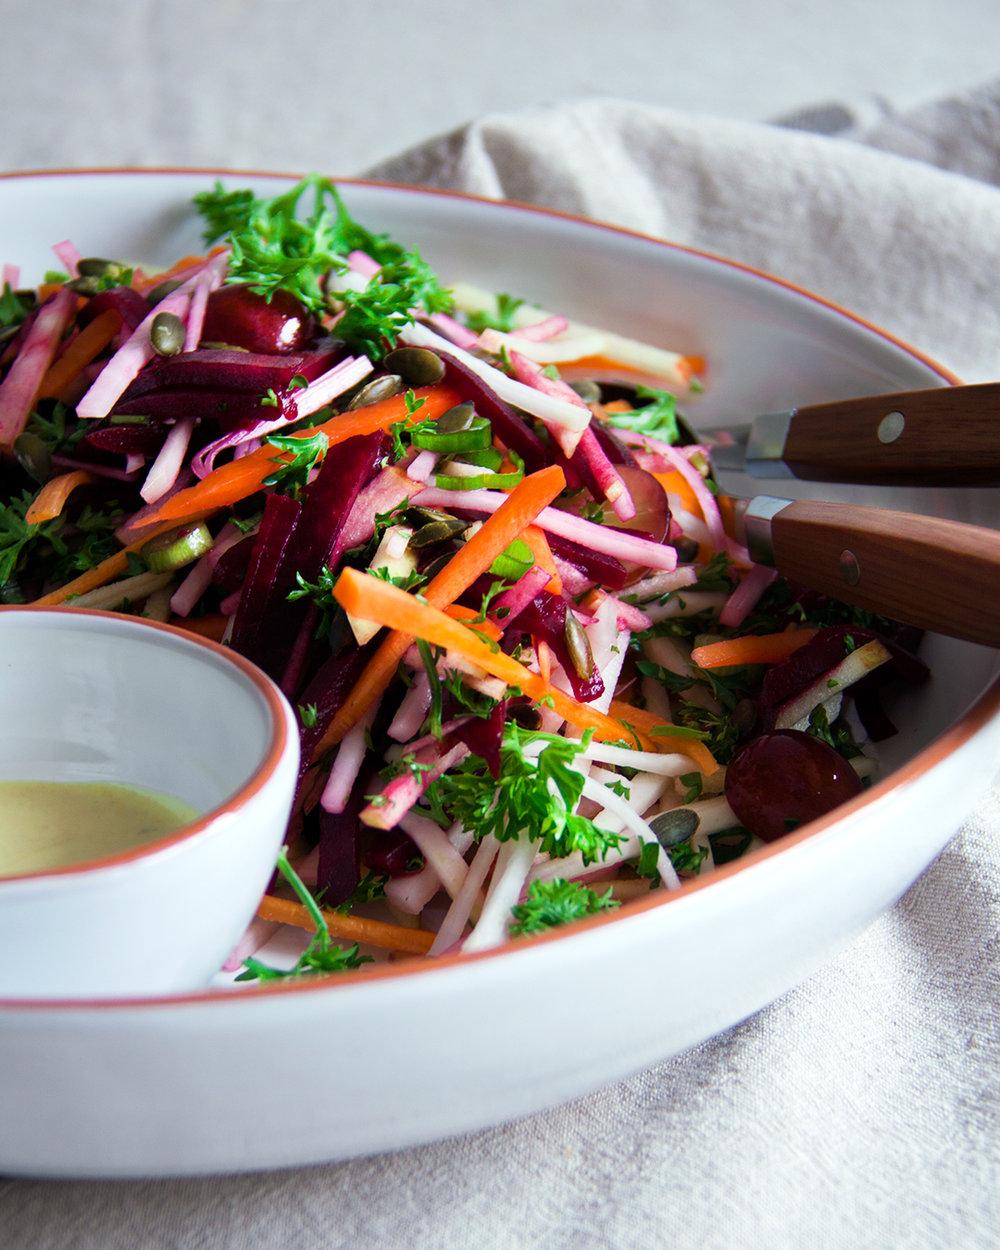 zomersalade-koolrabi-rode-biet-vegan-whole-foods-olievrij-glutenvrij-02.jpg